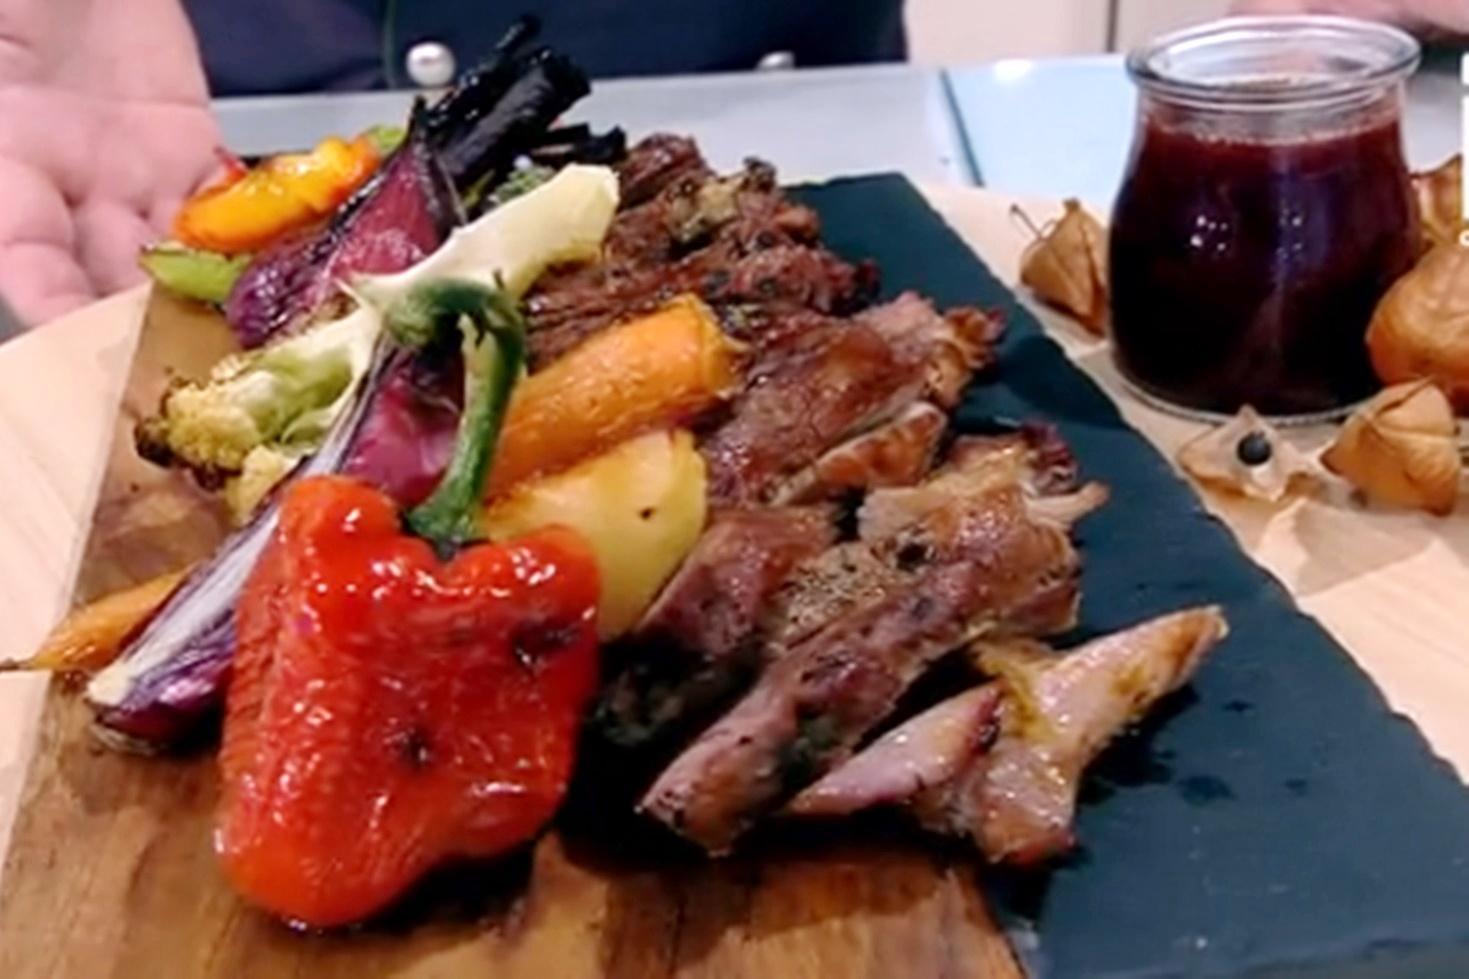 Pastramă de berbecuț cu legume coapte și must din struguri roșii. Reţeta lui Vlăduţ